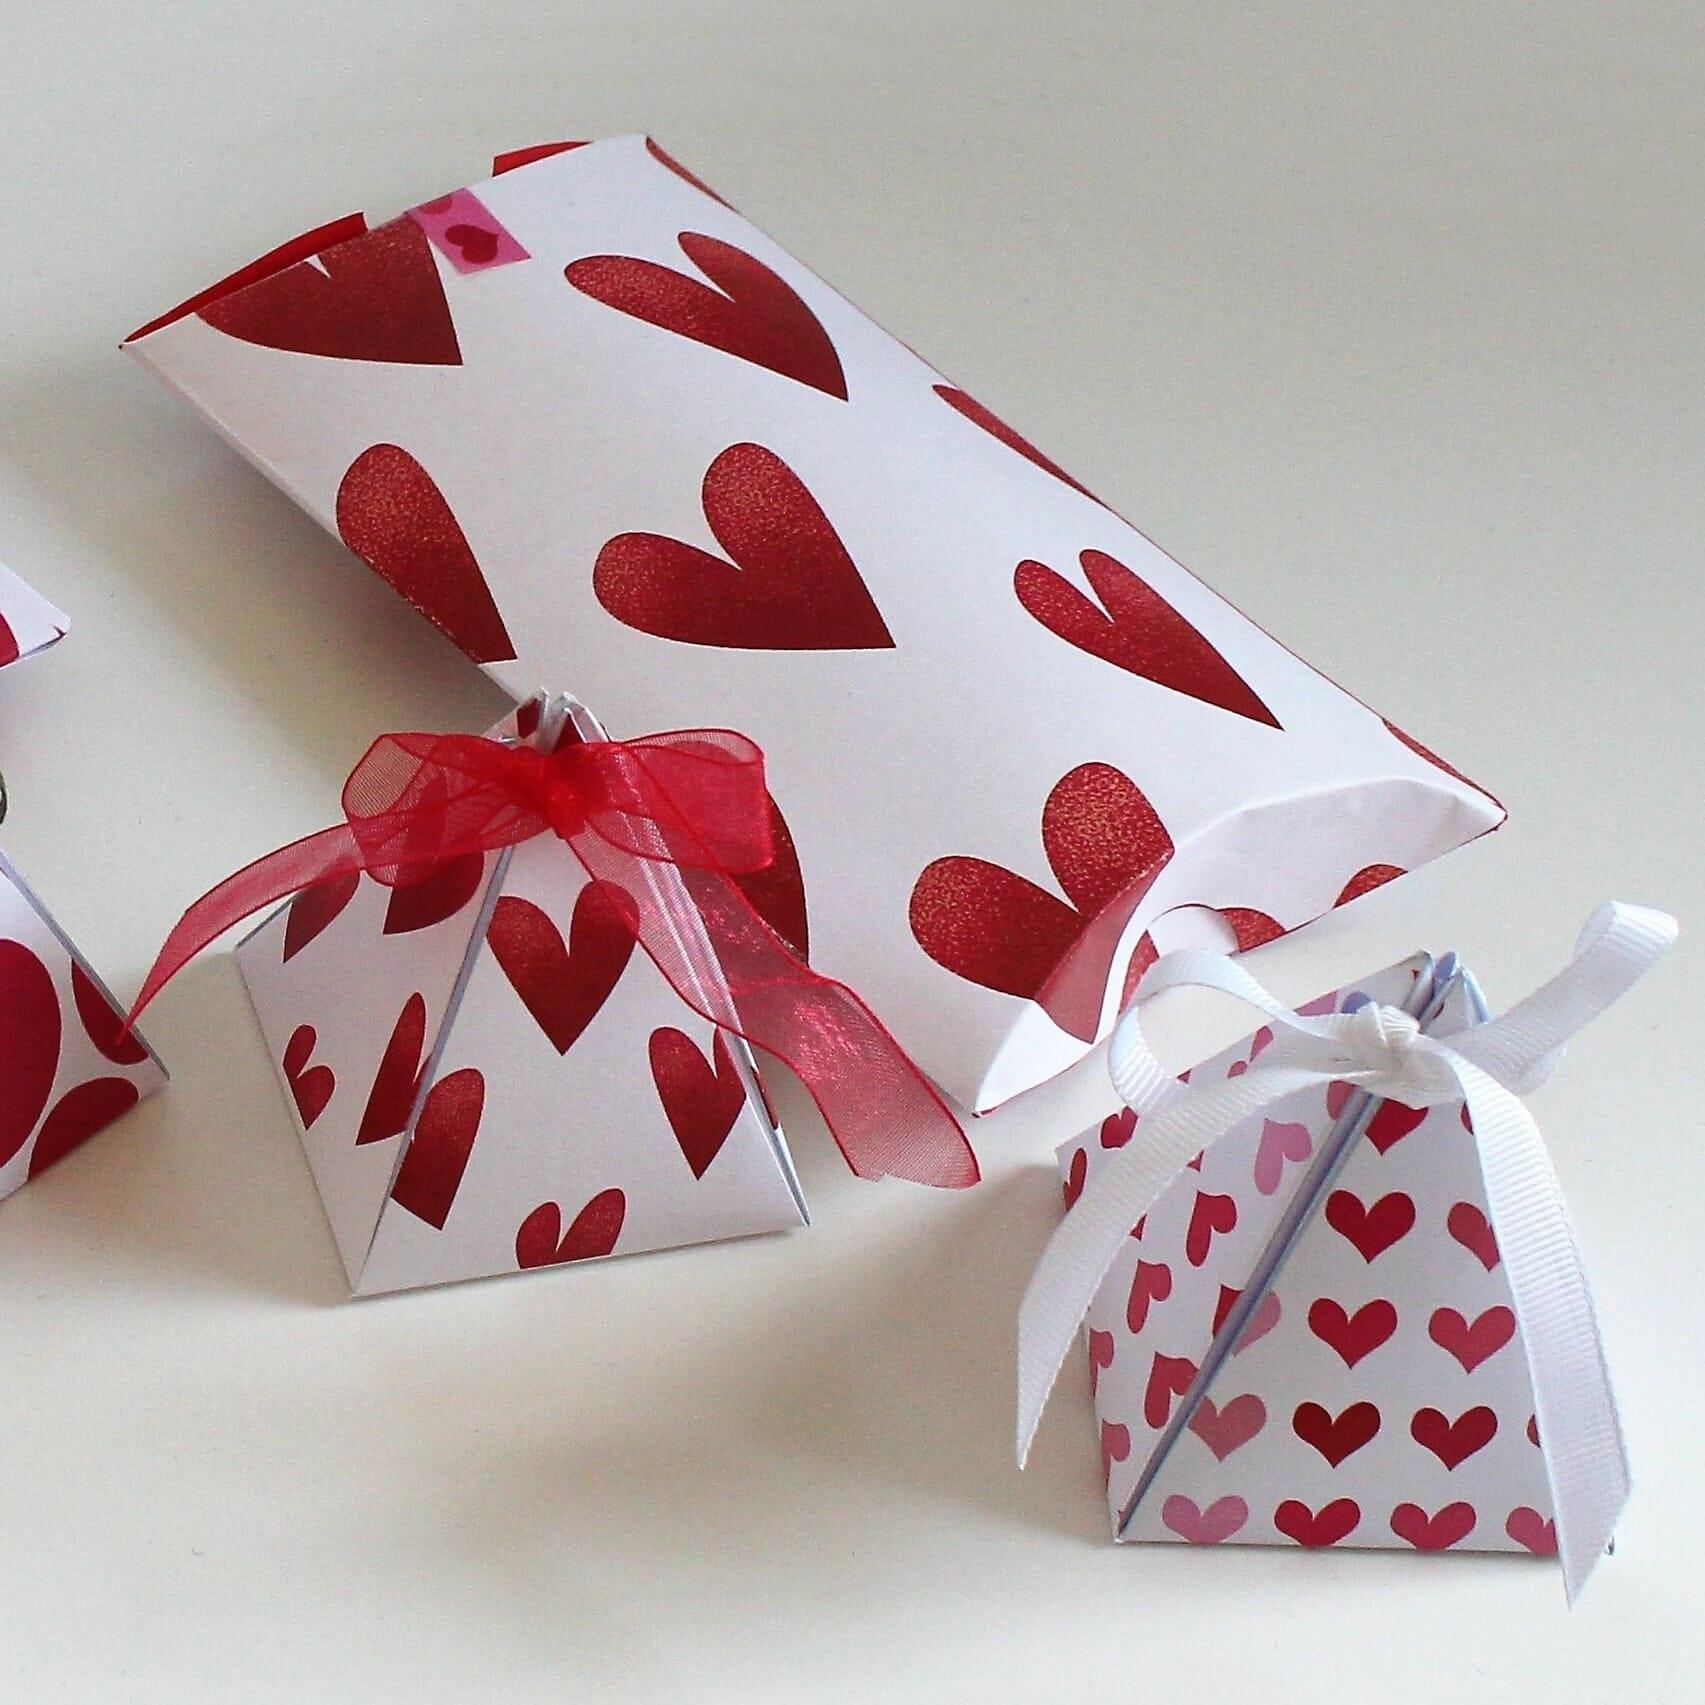 """Gaveæsker til kærlighedsgaver. """"Love is in the air"""". Giv en hjemmelavet Valentine gaveæske til én du elsker. Gratis print: gaveæsker, kort og plakater. Lav dine egne gaveæsker til Valentine, bryllup og festlige lejligheder, se hvordan og find opskrifter og mere inspiration på danishthings.com. #kærlighed #Valentine #gaveæsker #æsker #gave #gratis"""